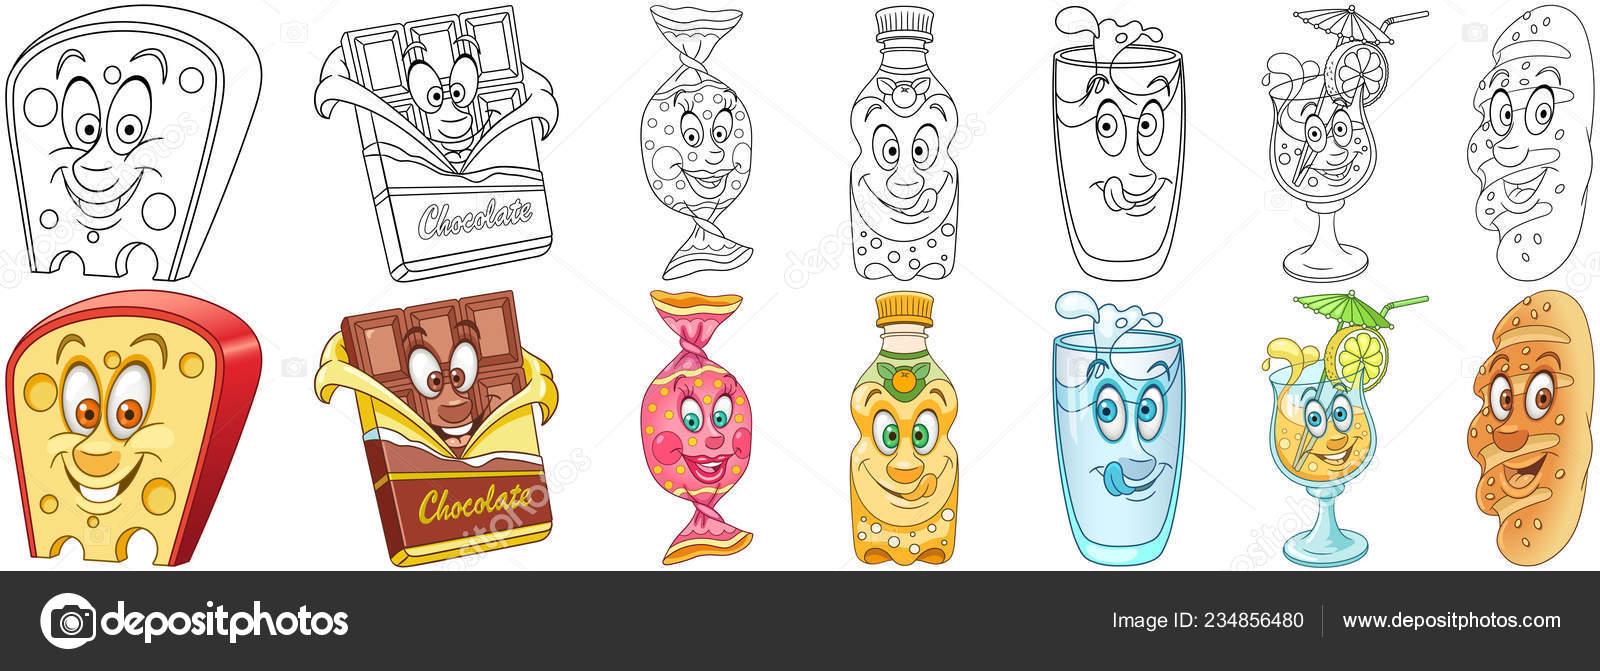 Schattige Kleurplaten Van Eten.Eten Drinken Instellen Tekenfilm Kleurplaten Voedsel Tekens